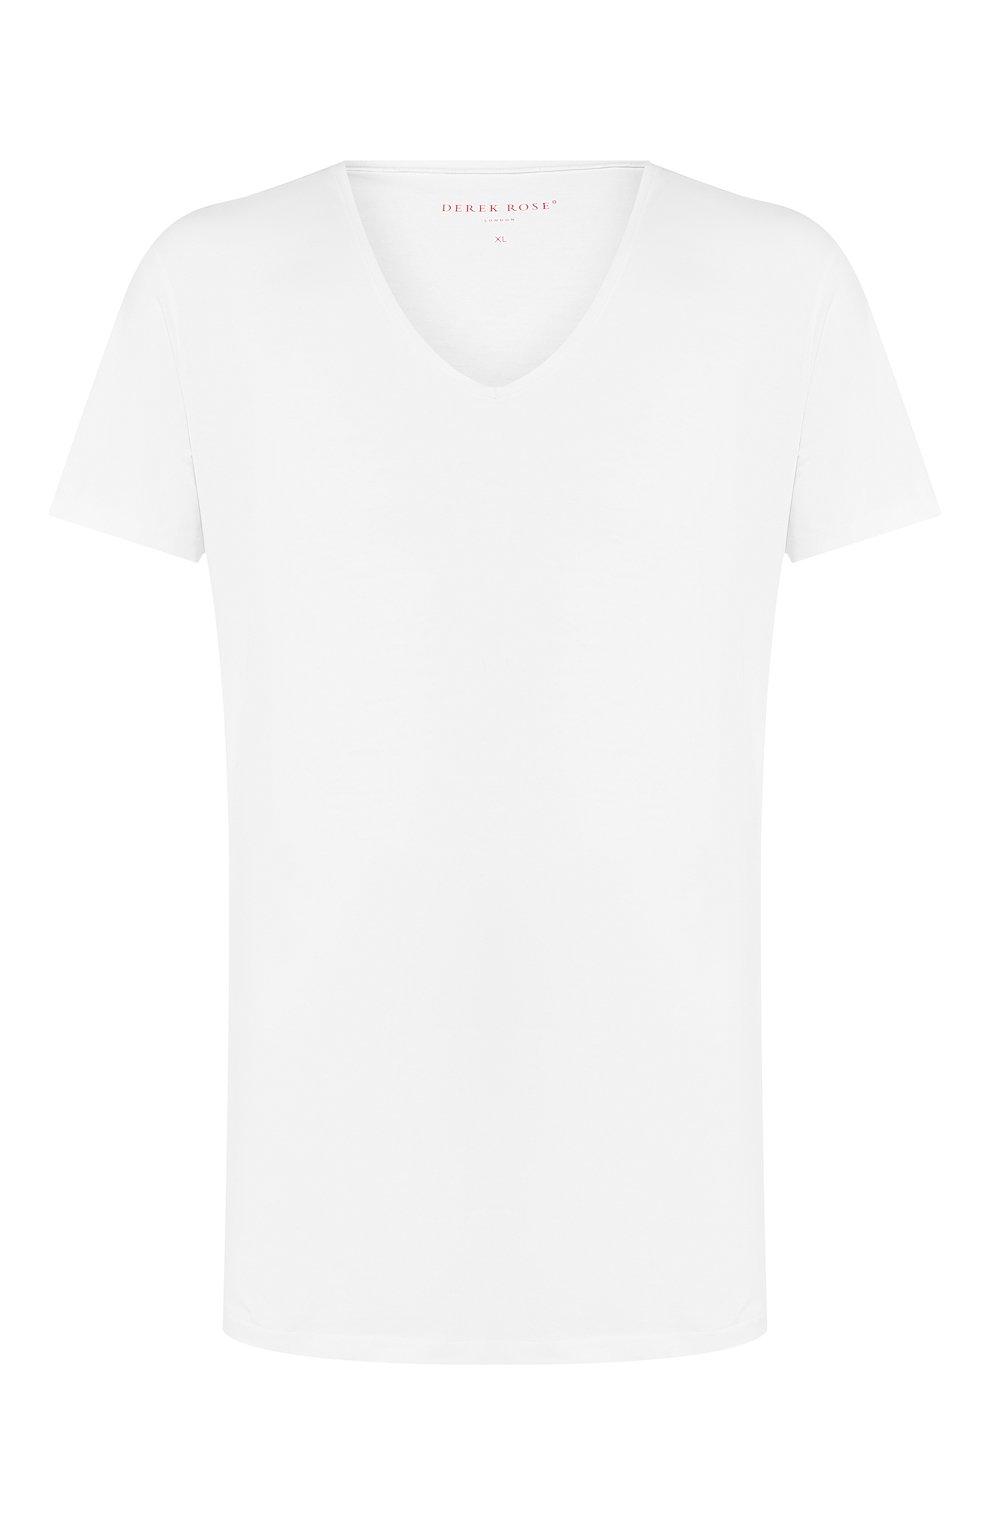 Мужская хлопковая футболка с v-образным вырезом DEREK ROSE белого цвета, арт. 8025-JACK001   Фото 1 (Кросс-КТ: домашняя одежда; Рукава: Короткие; Длина (для топов): Стандартные; Материал внешний: Хлопок; Мужское Кросс-КТ: Футболка-белье)